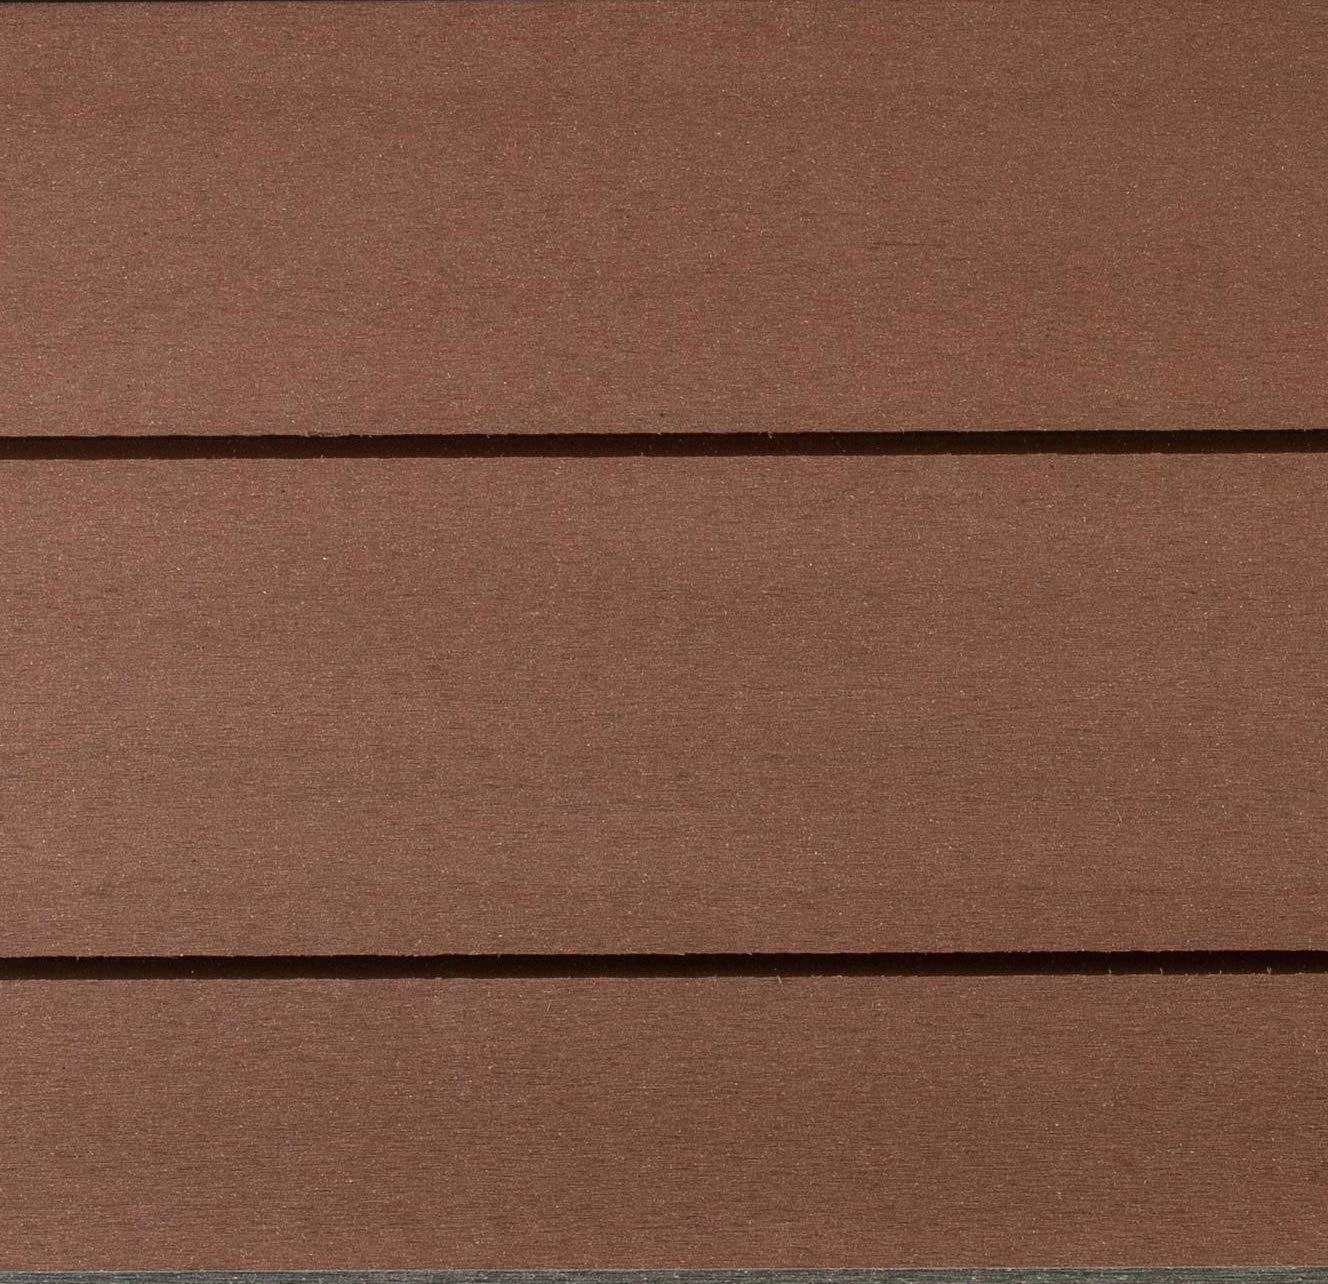 Keter - Caseta de jardín exterior Fusion 7, 5x4. Color marrón: Amazon.es: Jardín